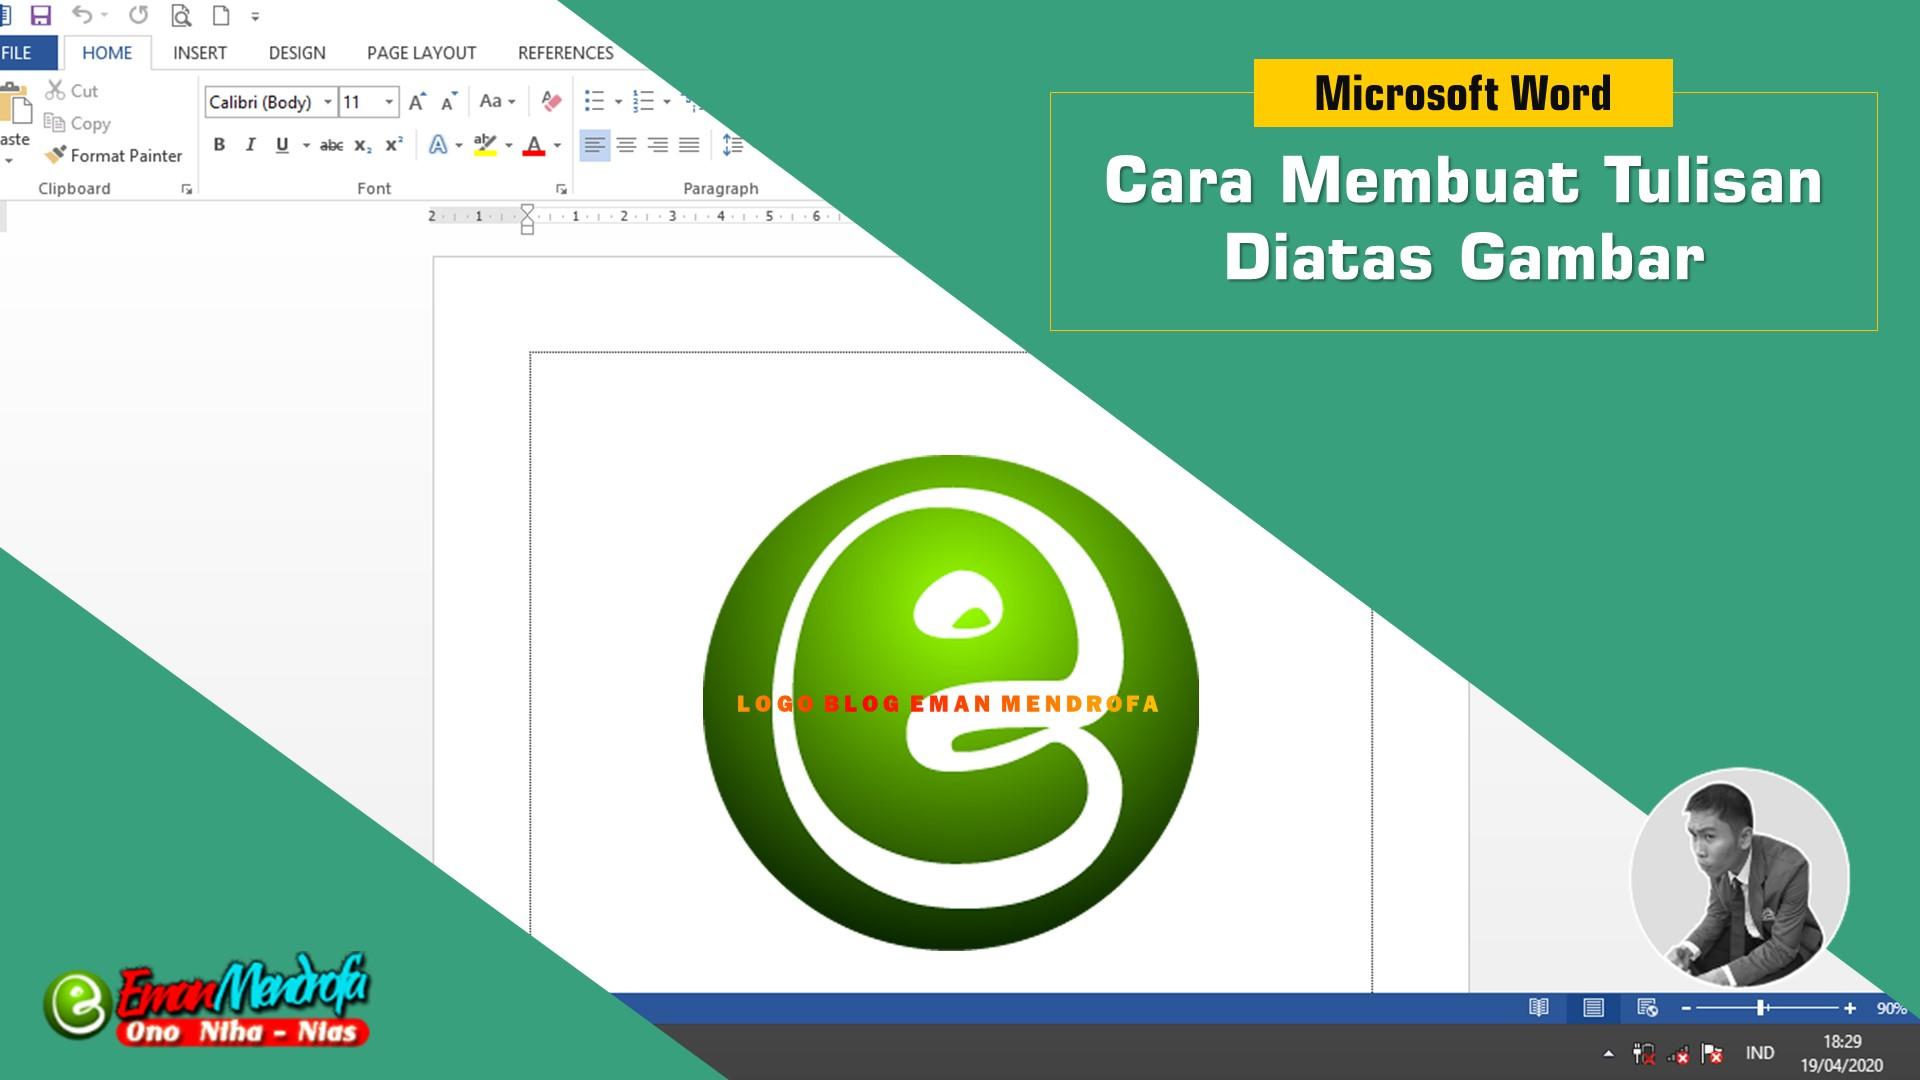 Cara Membuat Tulisan Diatas Gambar di Microsoft Word